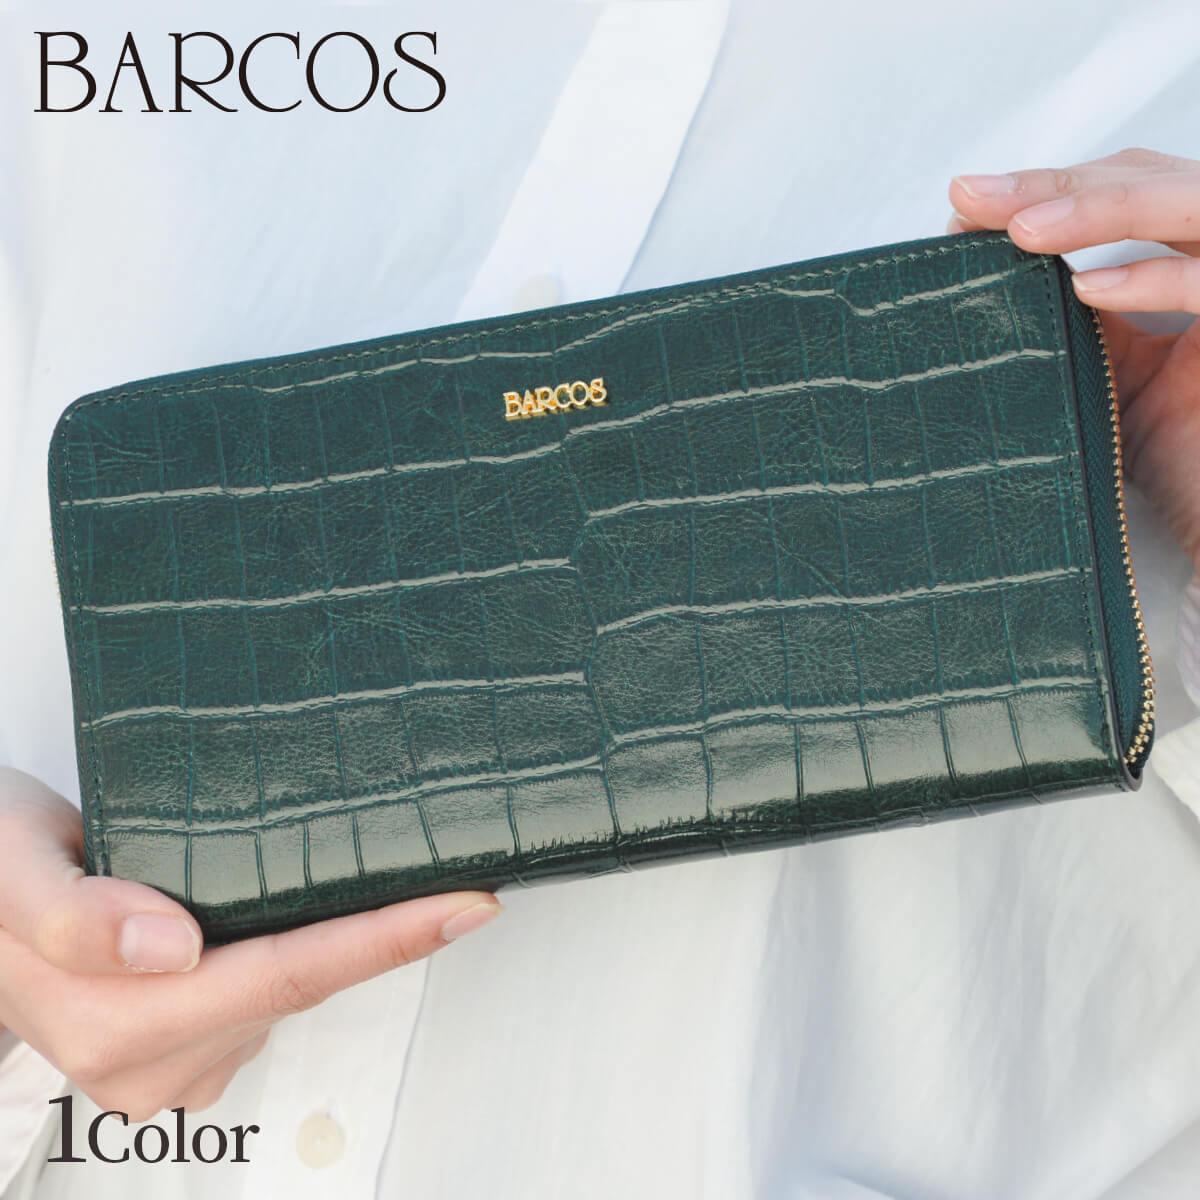 【送料無料】 BARCOS ウォレット長財布 ティアラ レディース 全1色 ONESIZE バルコス ラウンドファスナー レザー 革 本革 シンプル ファスナー おしゃれ 大容量